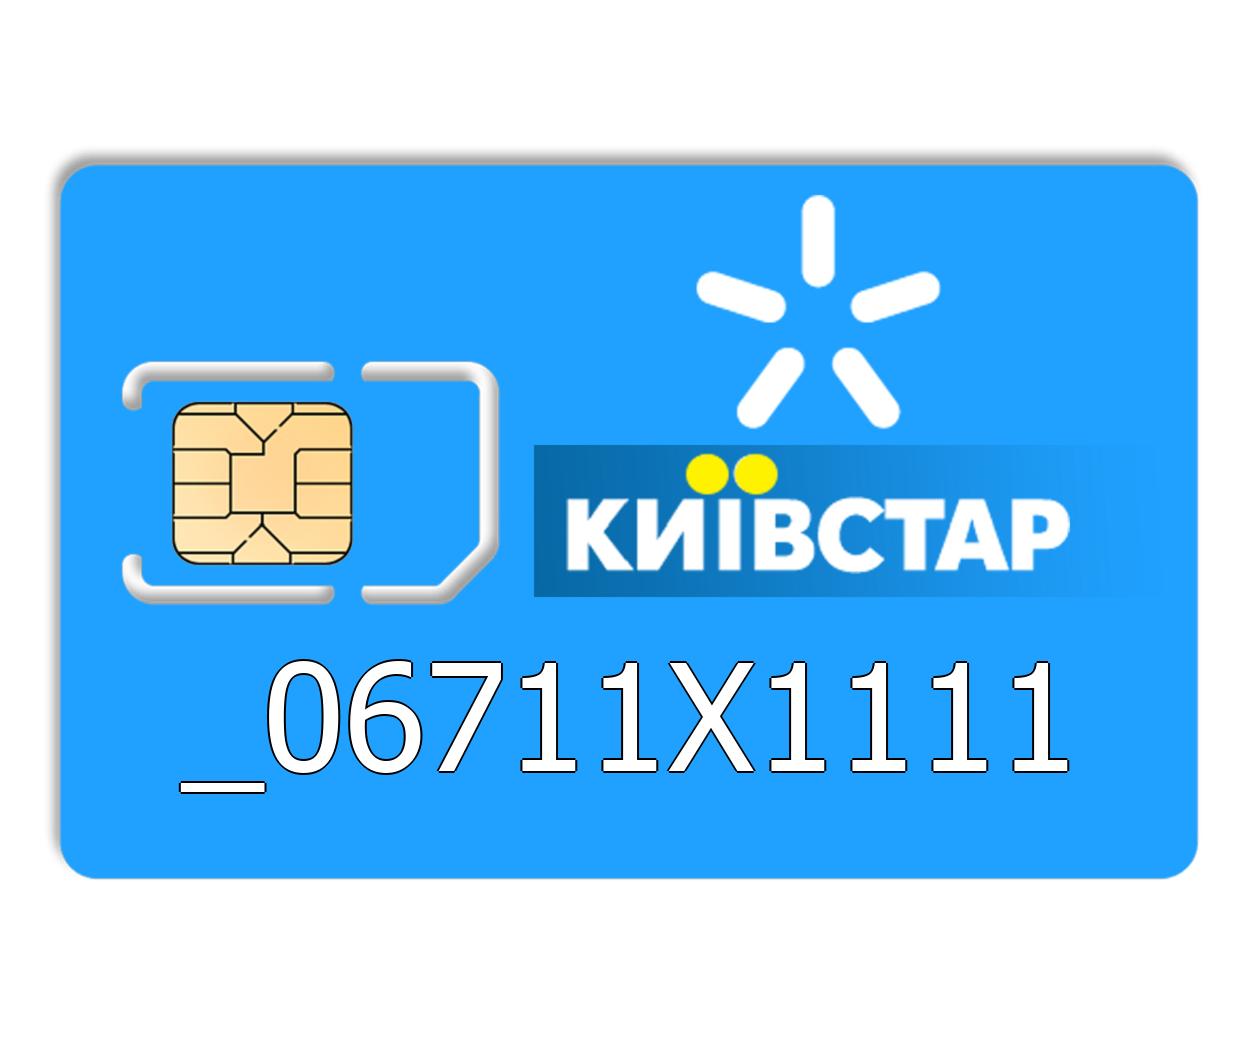 Красивый номер Киевстар 06711X1111